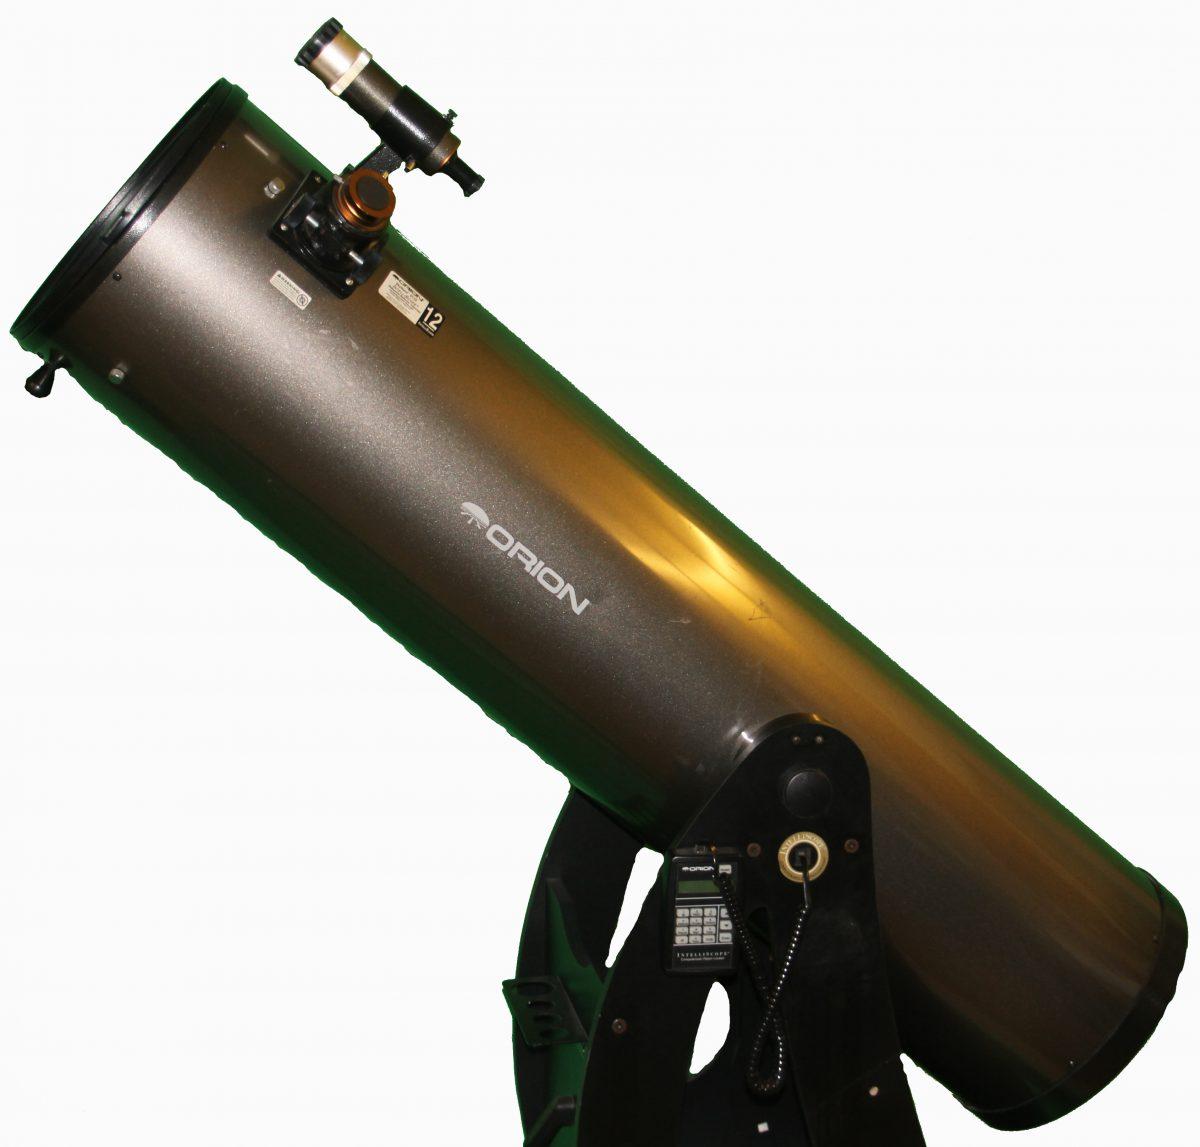 Teleskopparade Teil 5